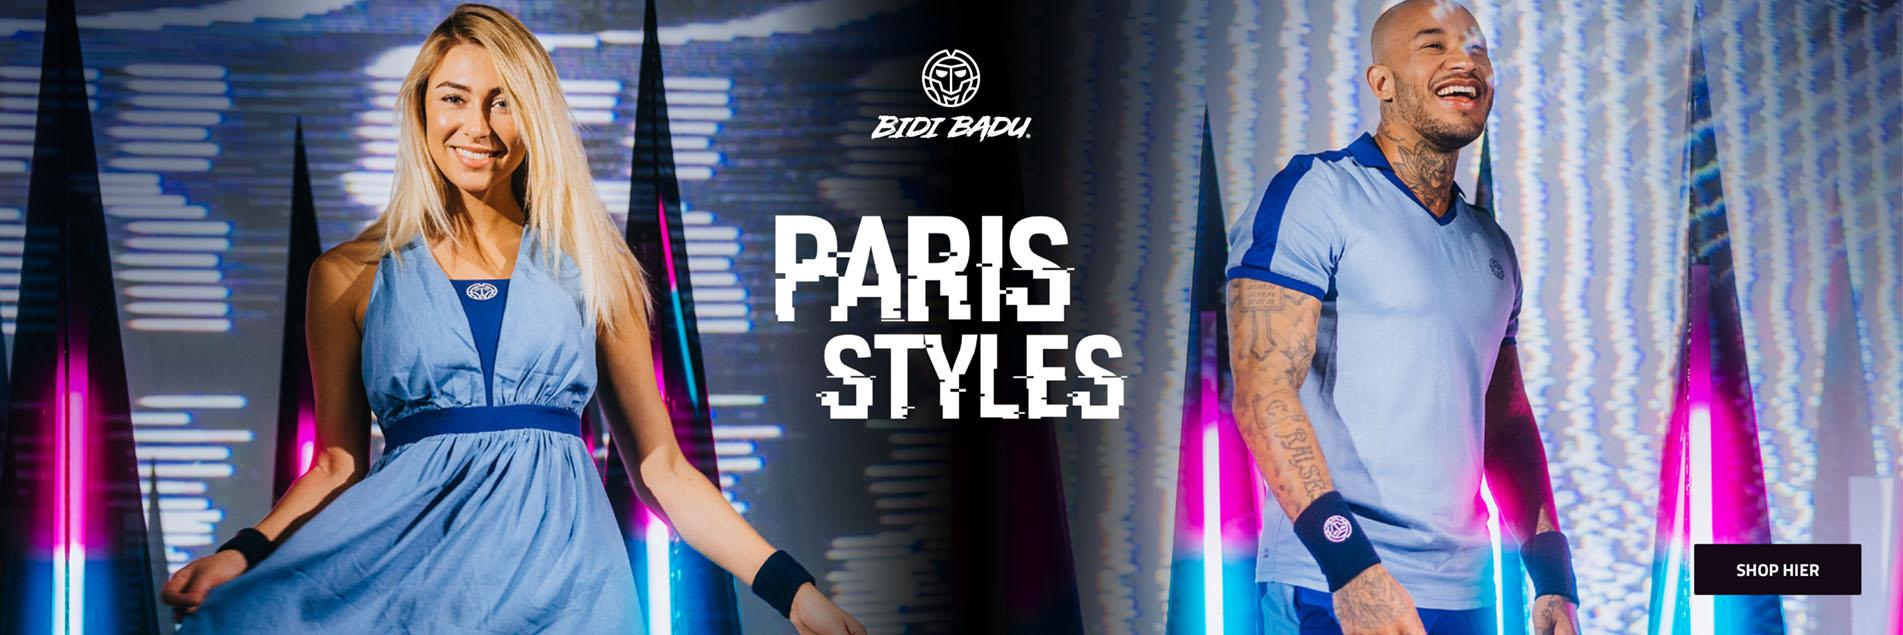 Bidi Badu French Open